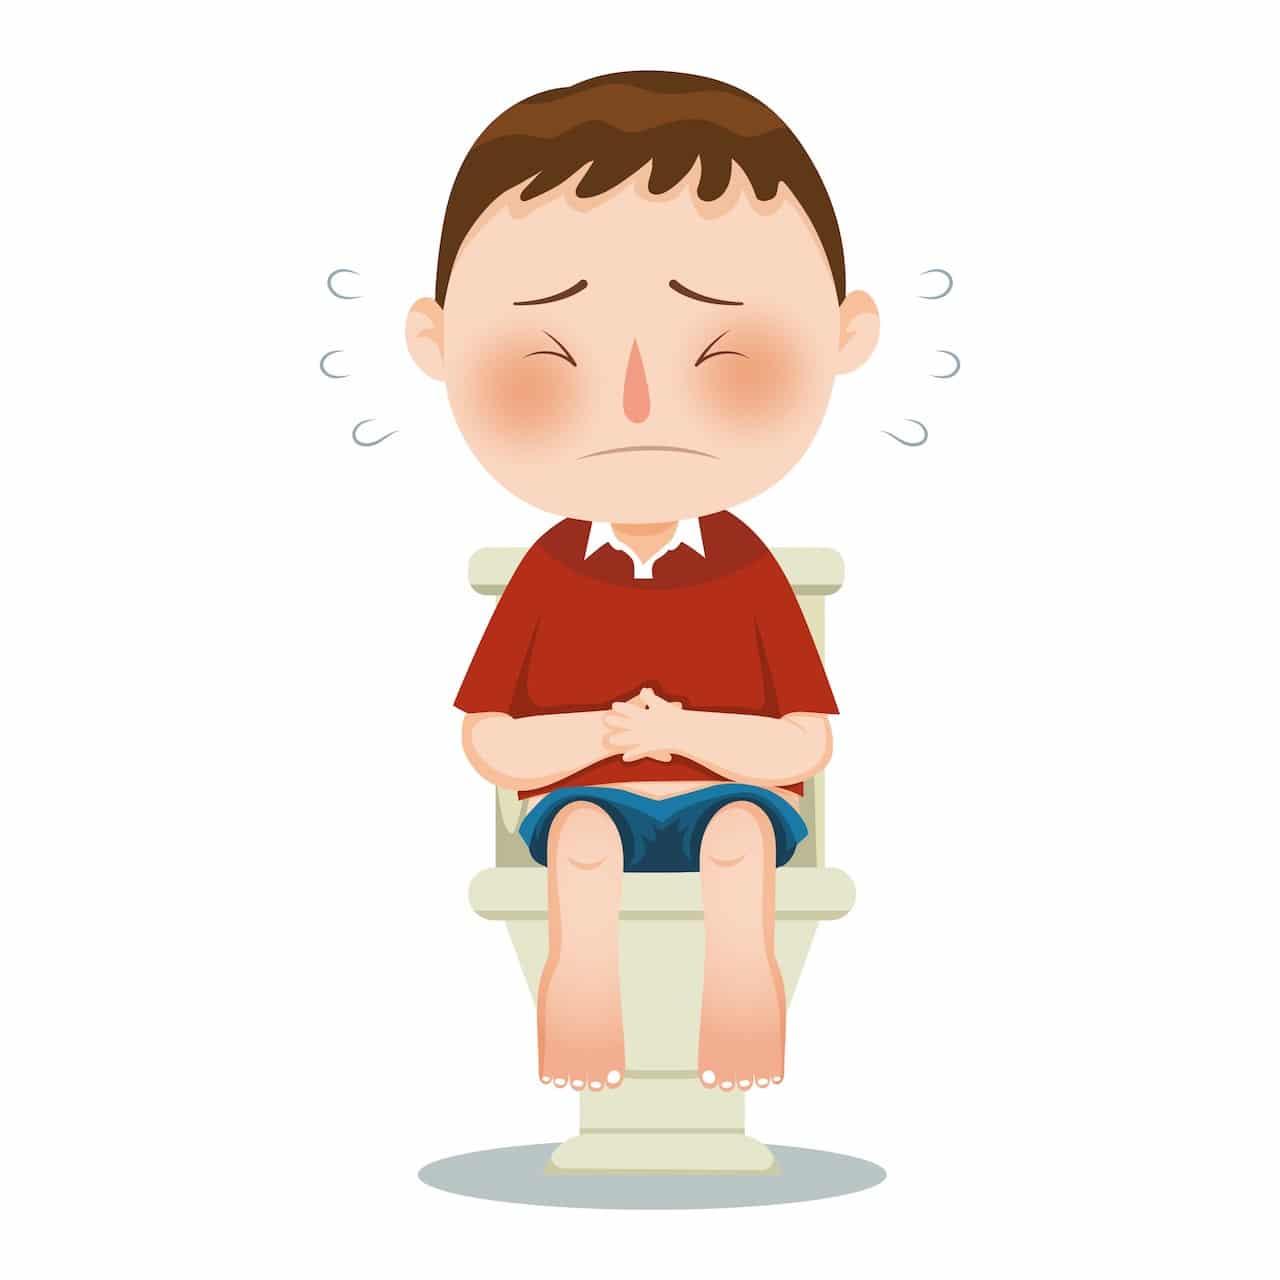 La constipation est une difficulté à émettre ses selles régulièrement